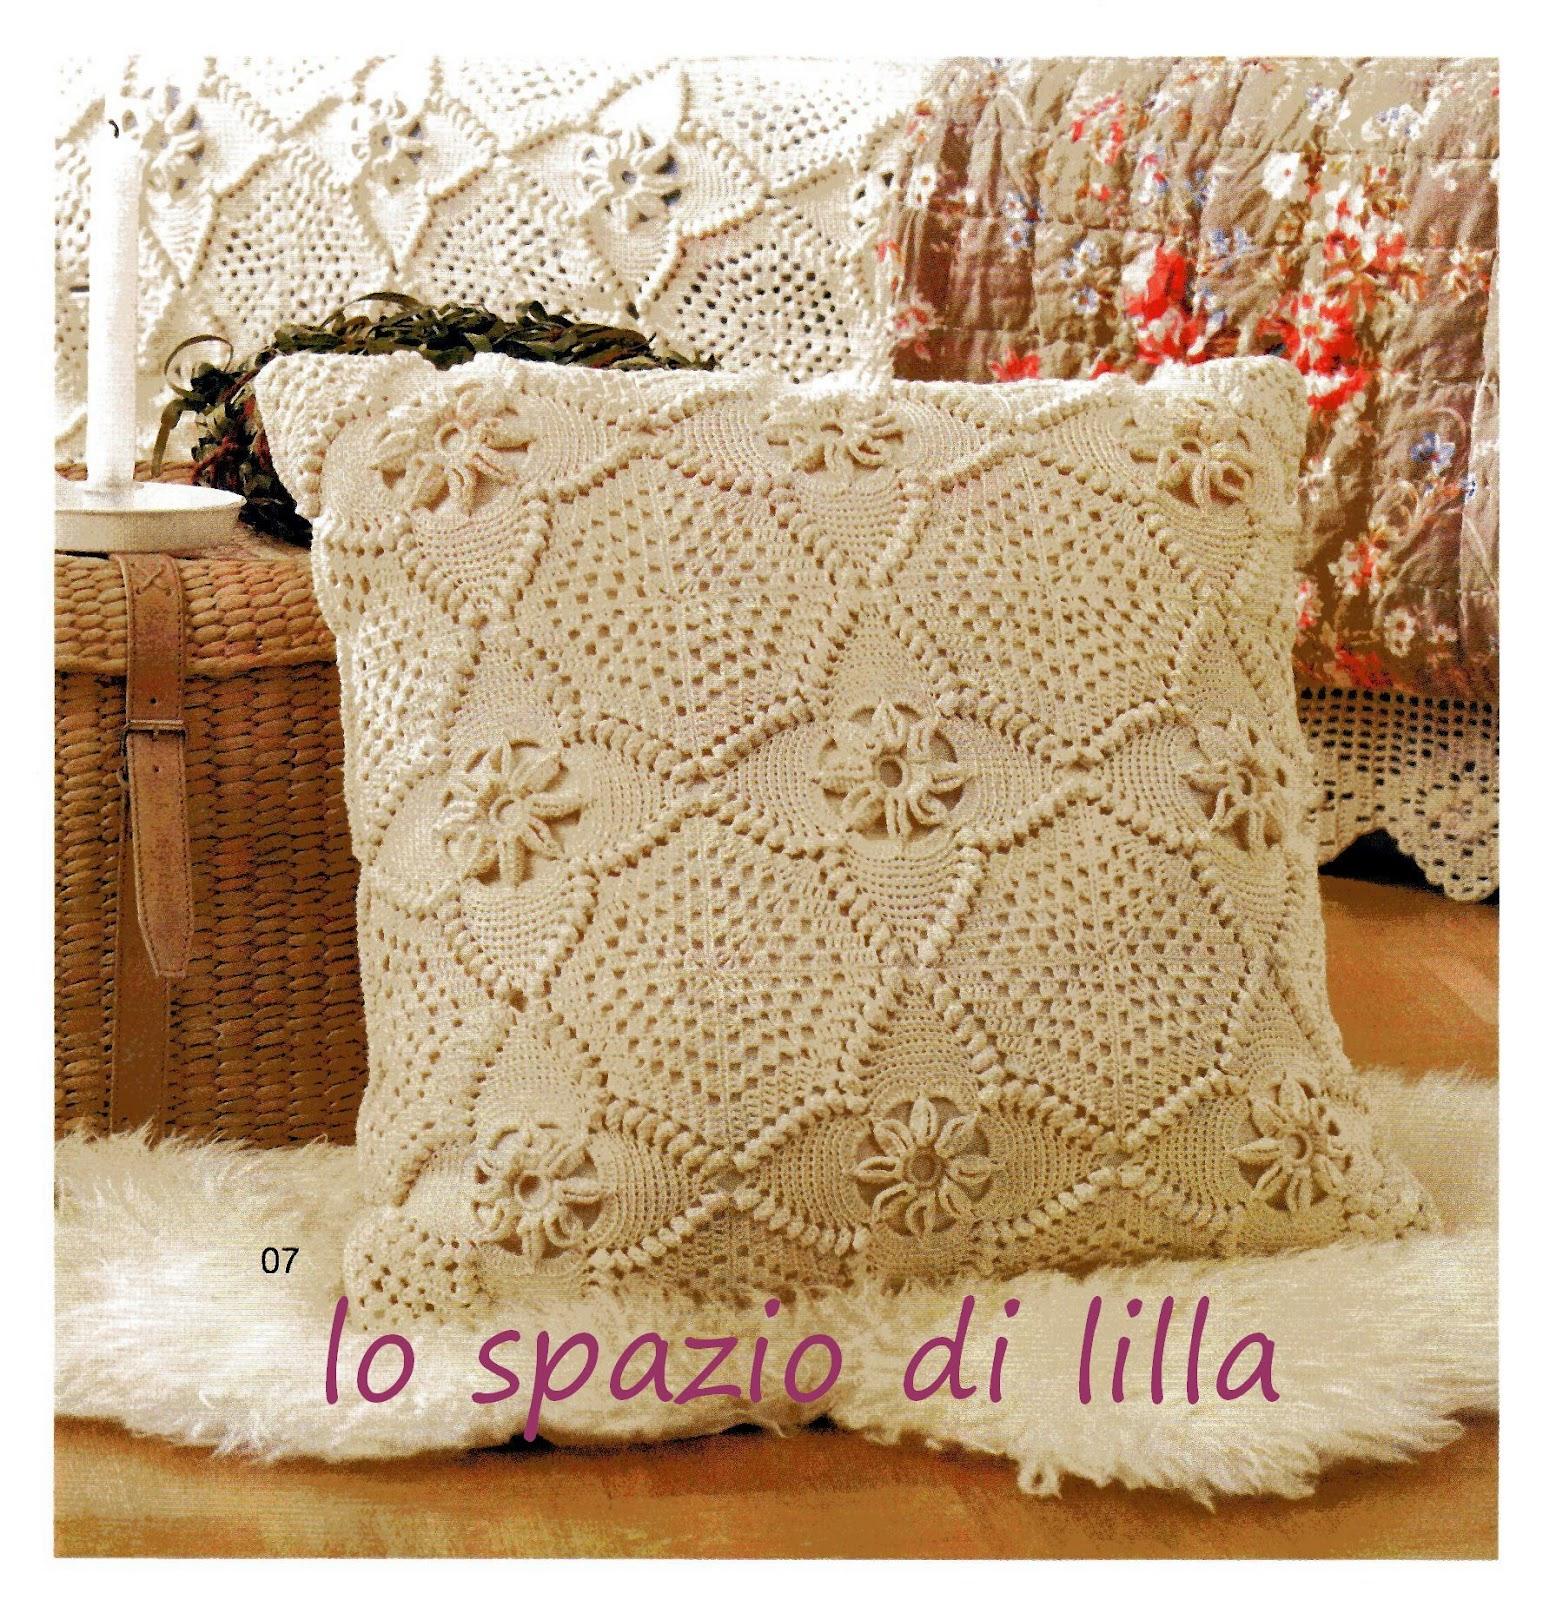 lo spazio di lilla A gentile richiestaIl copridivano a piastrelle crochet per Giustina